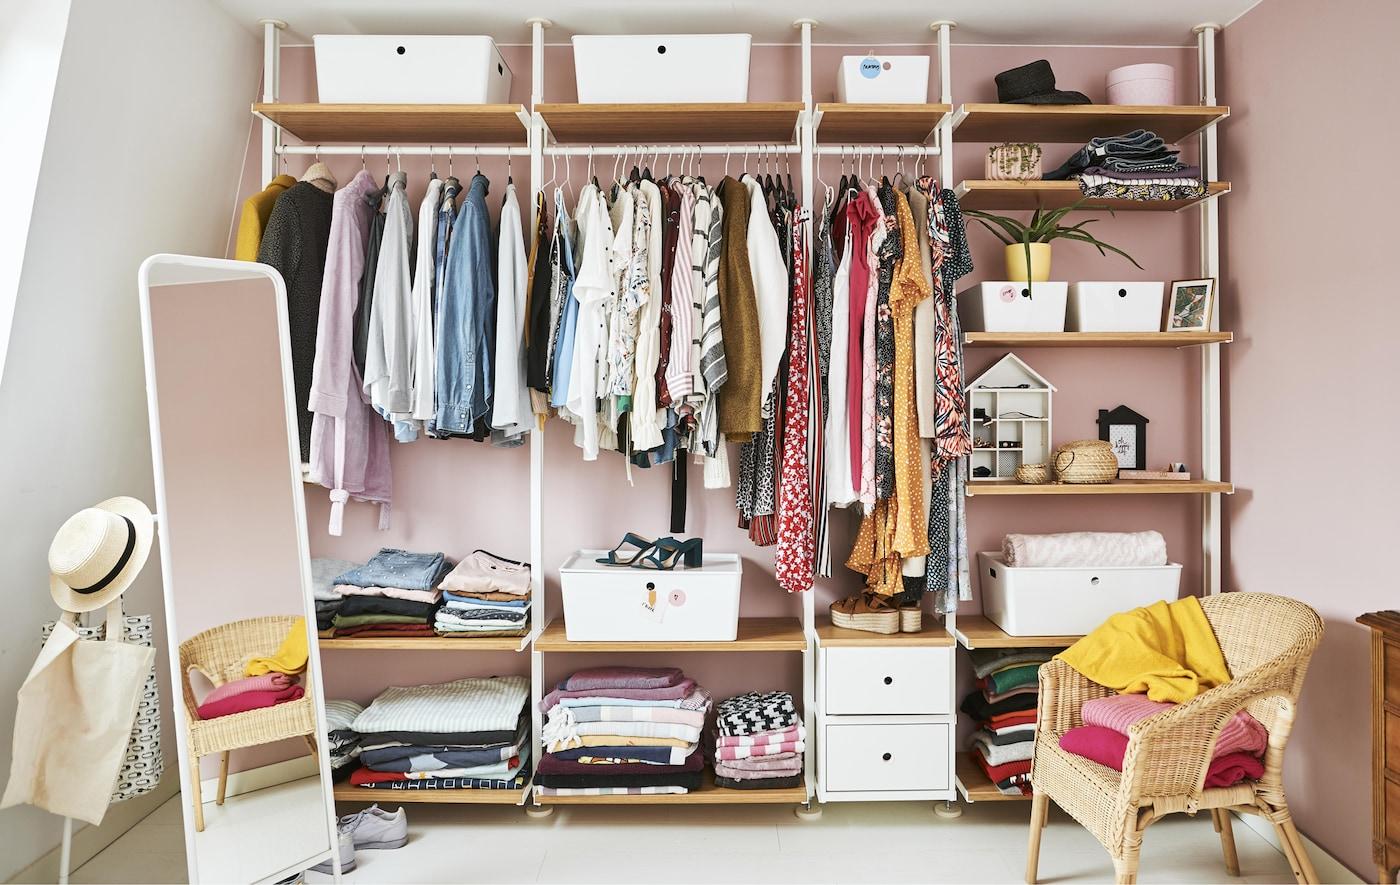 Come Organizzare Un Armadio.Come Organizzare Il Guardaroba Ikea Ikea Svizzera